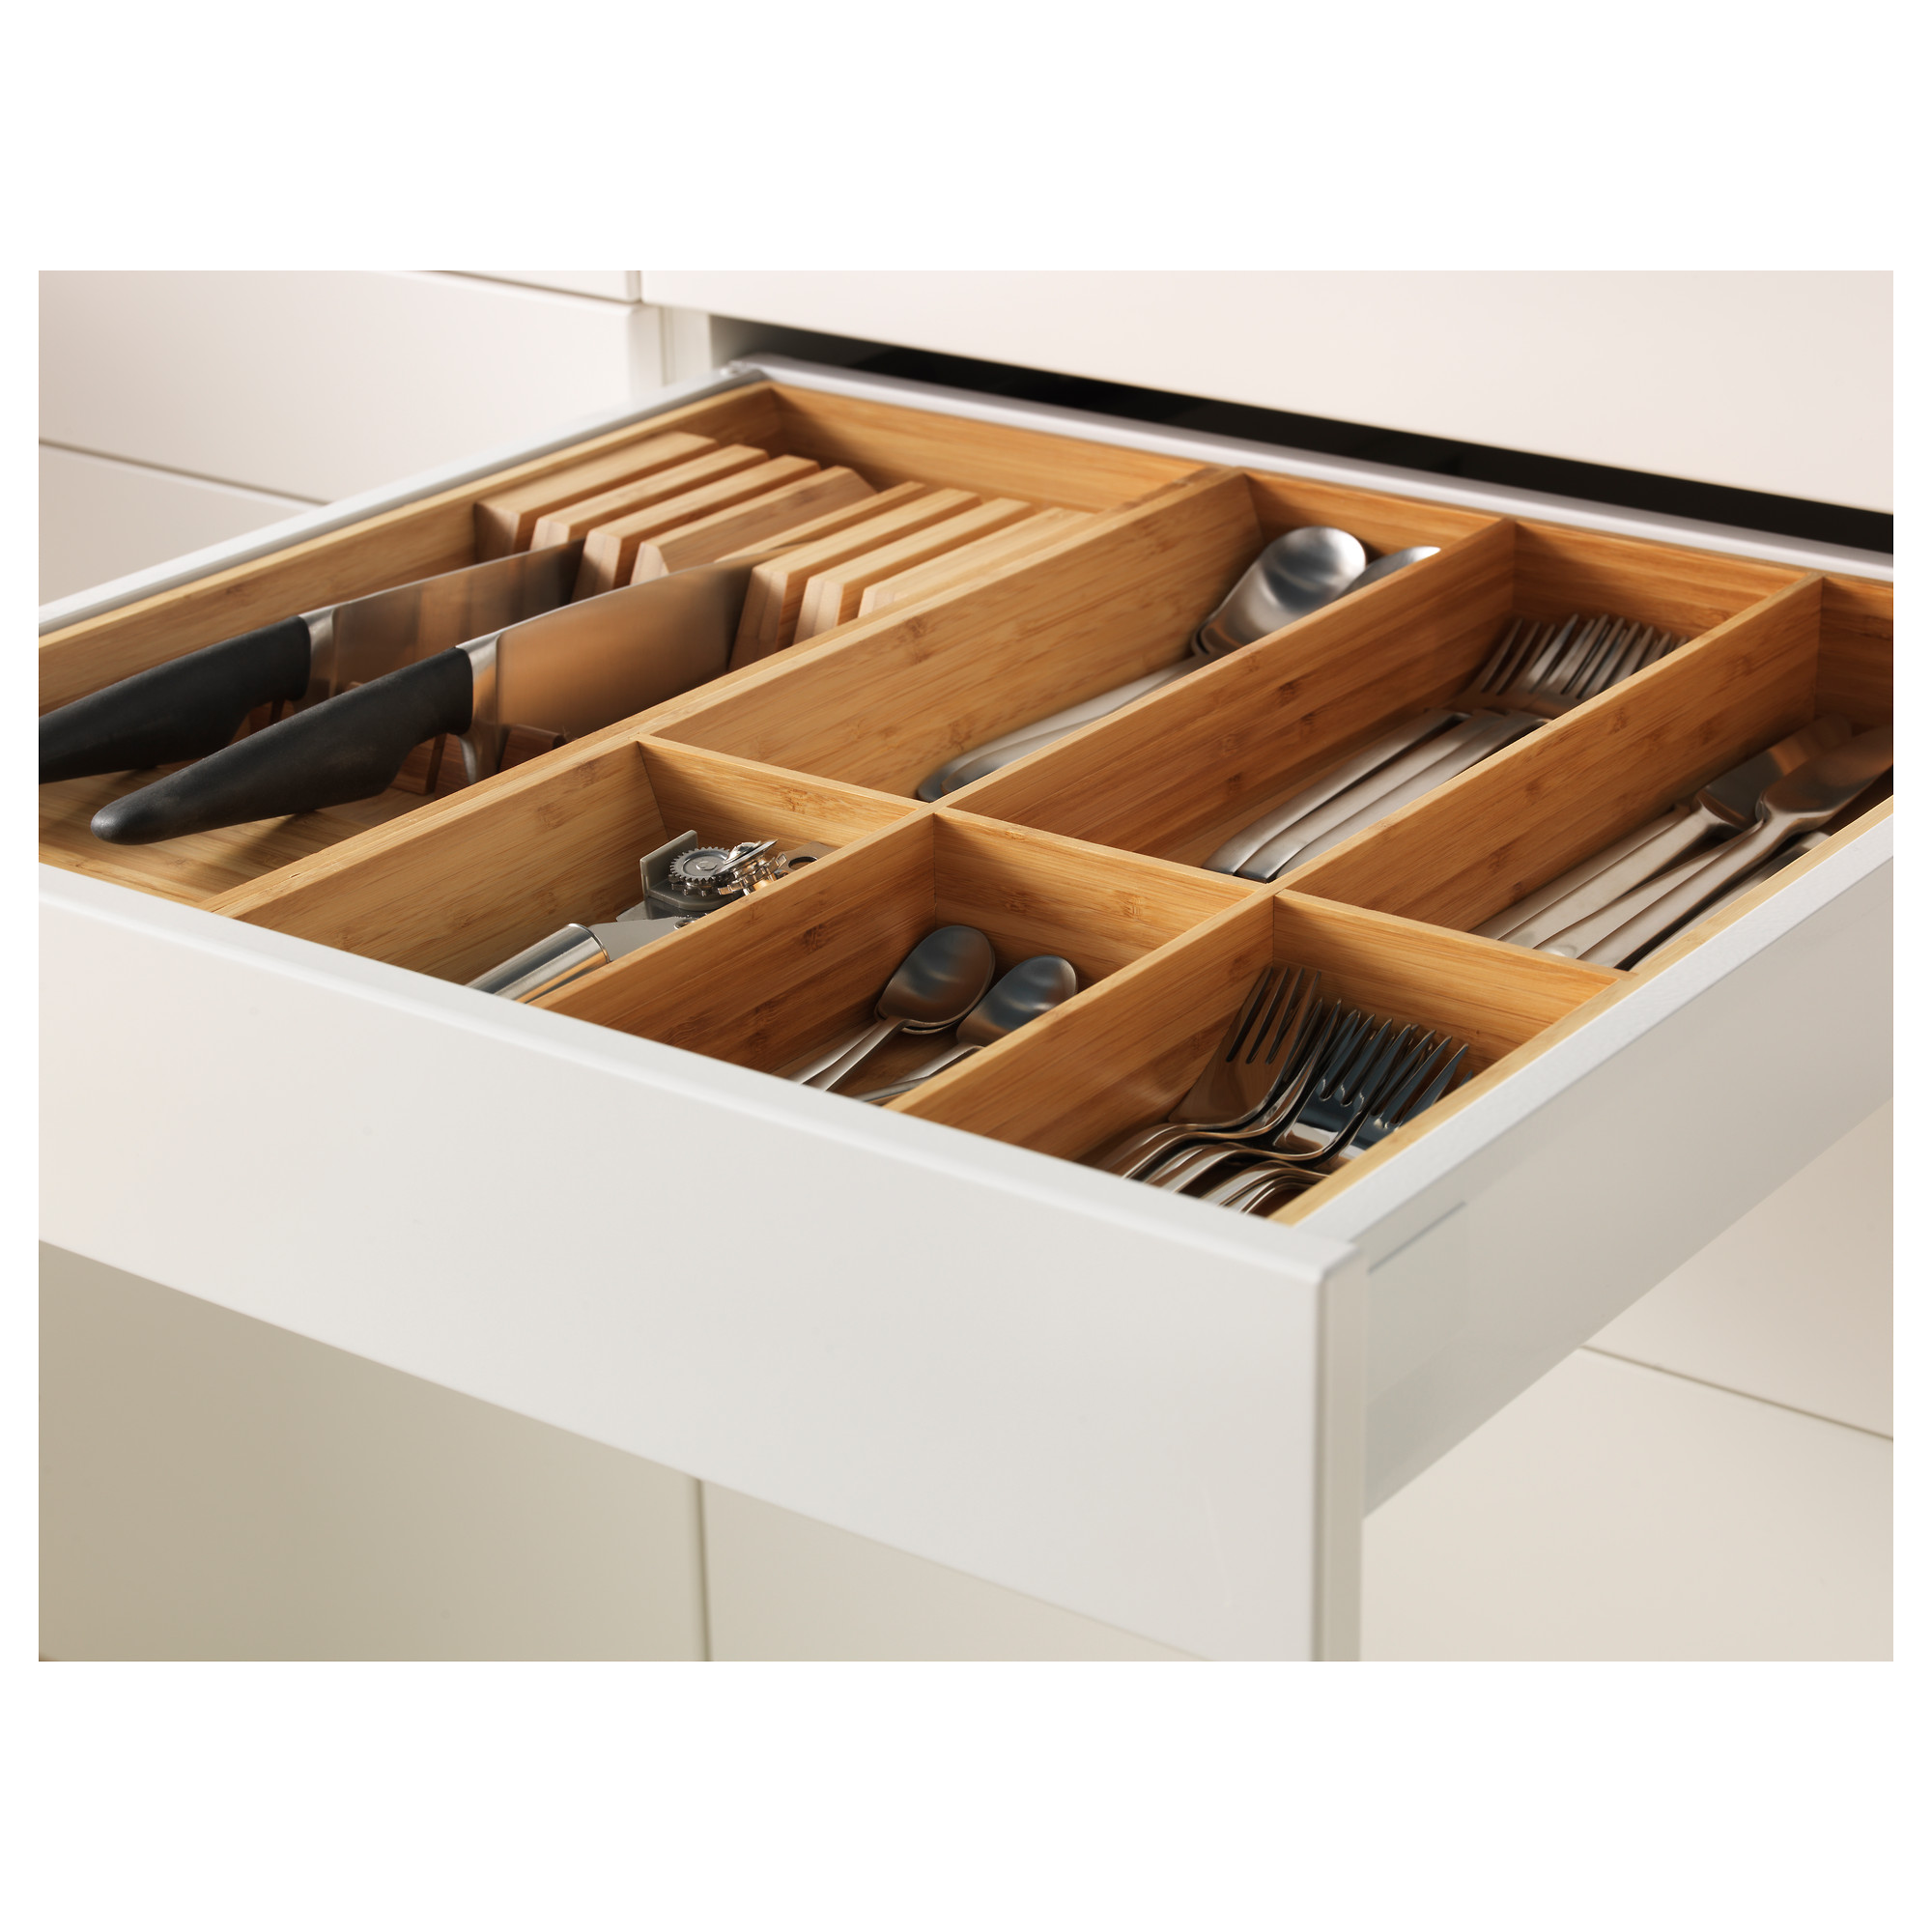 Высокий шкаф + полки, 5 ящиков, 2 дверцы, 2 фронтальных МЕТОД / МАКСИМЕРА белый артикуль № 692.369.15 в наличии. Онлайн каталог IKEA Беларусь. Быстрая доставка и монтаж.